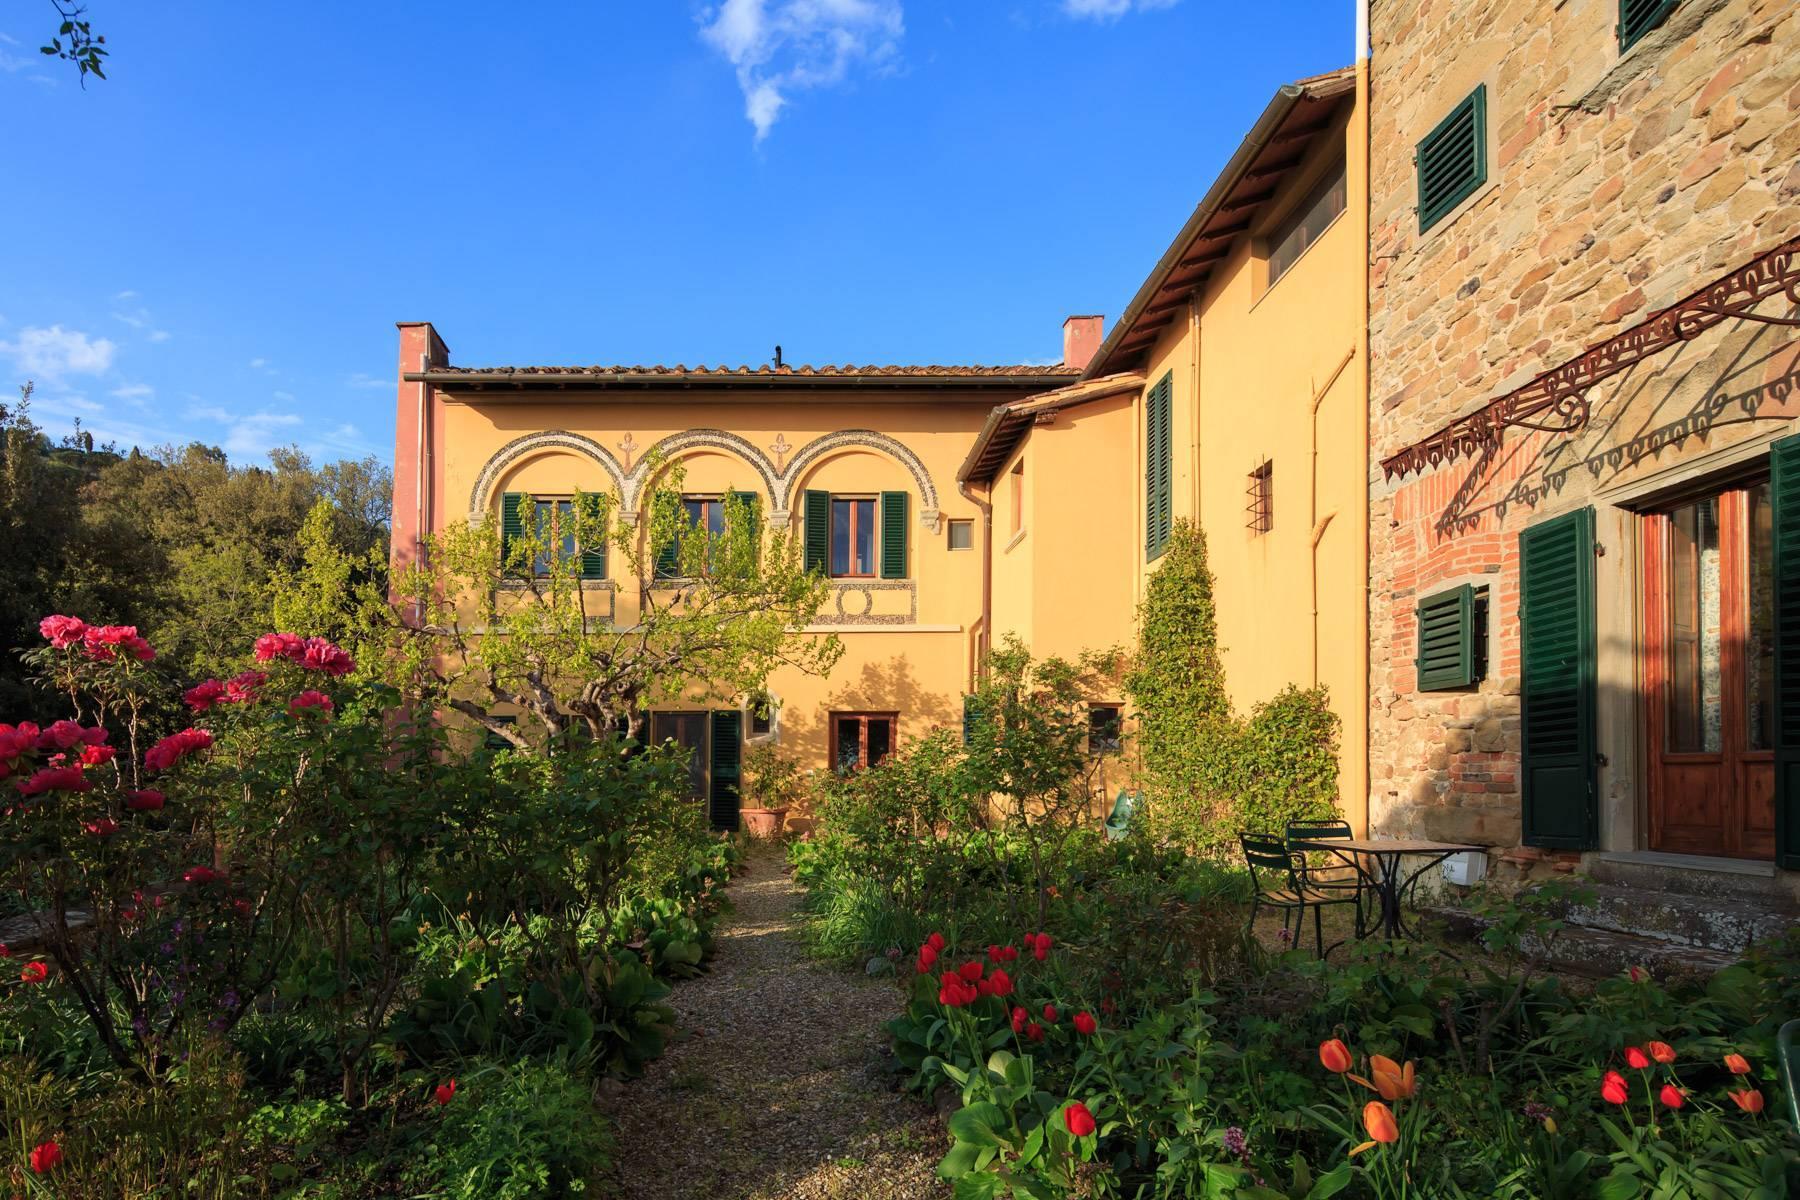 Große historische Villa in Fiesole mit einem unvergleichlichen Blick auf Florenz - 4